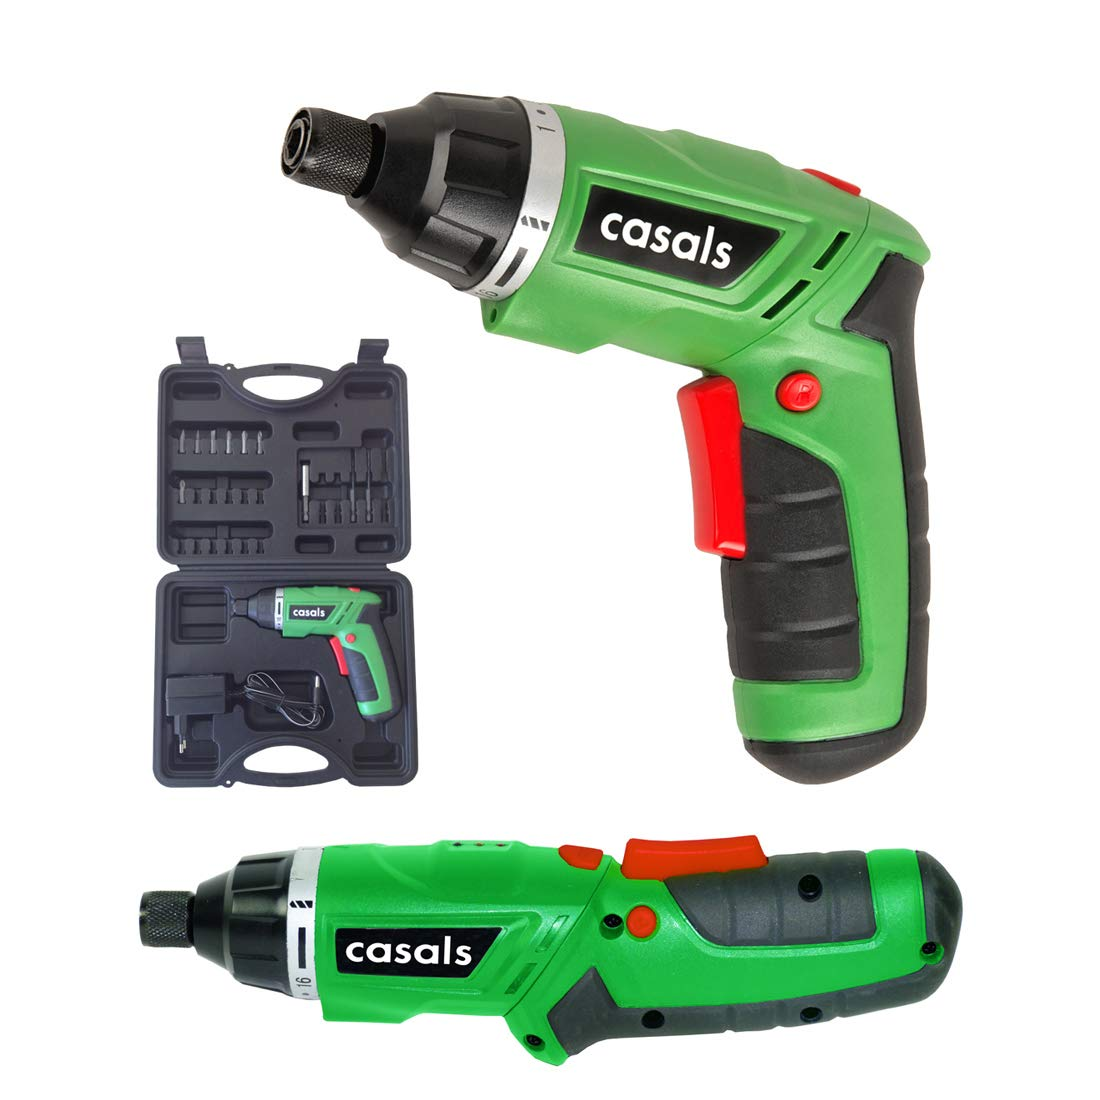 Casals VDSLI36AC - Atornillador plegable con batería de litio de 3.6 V) 1,3 Ah, 180 rpm, 3 Nm, con maletín) color verde y negro